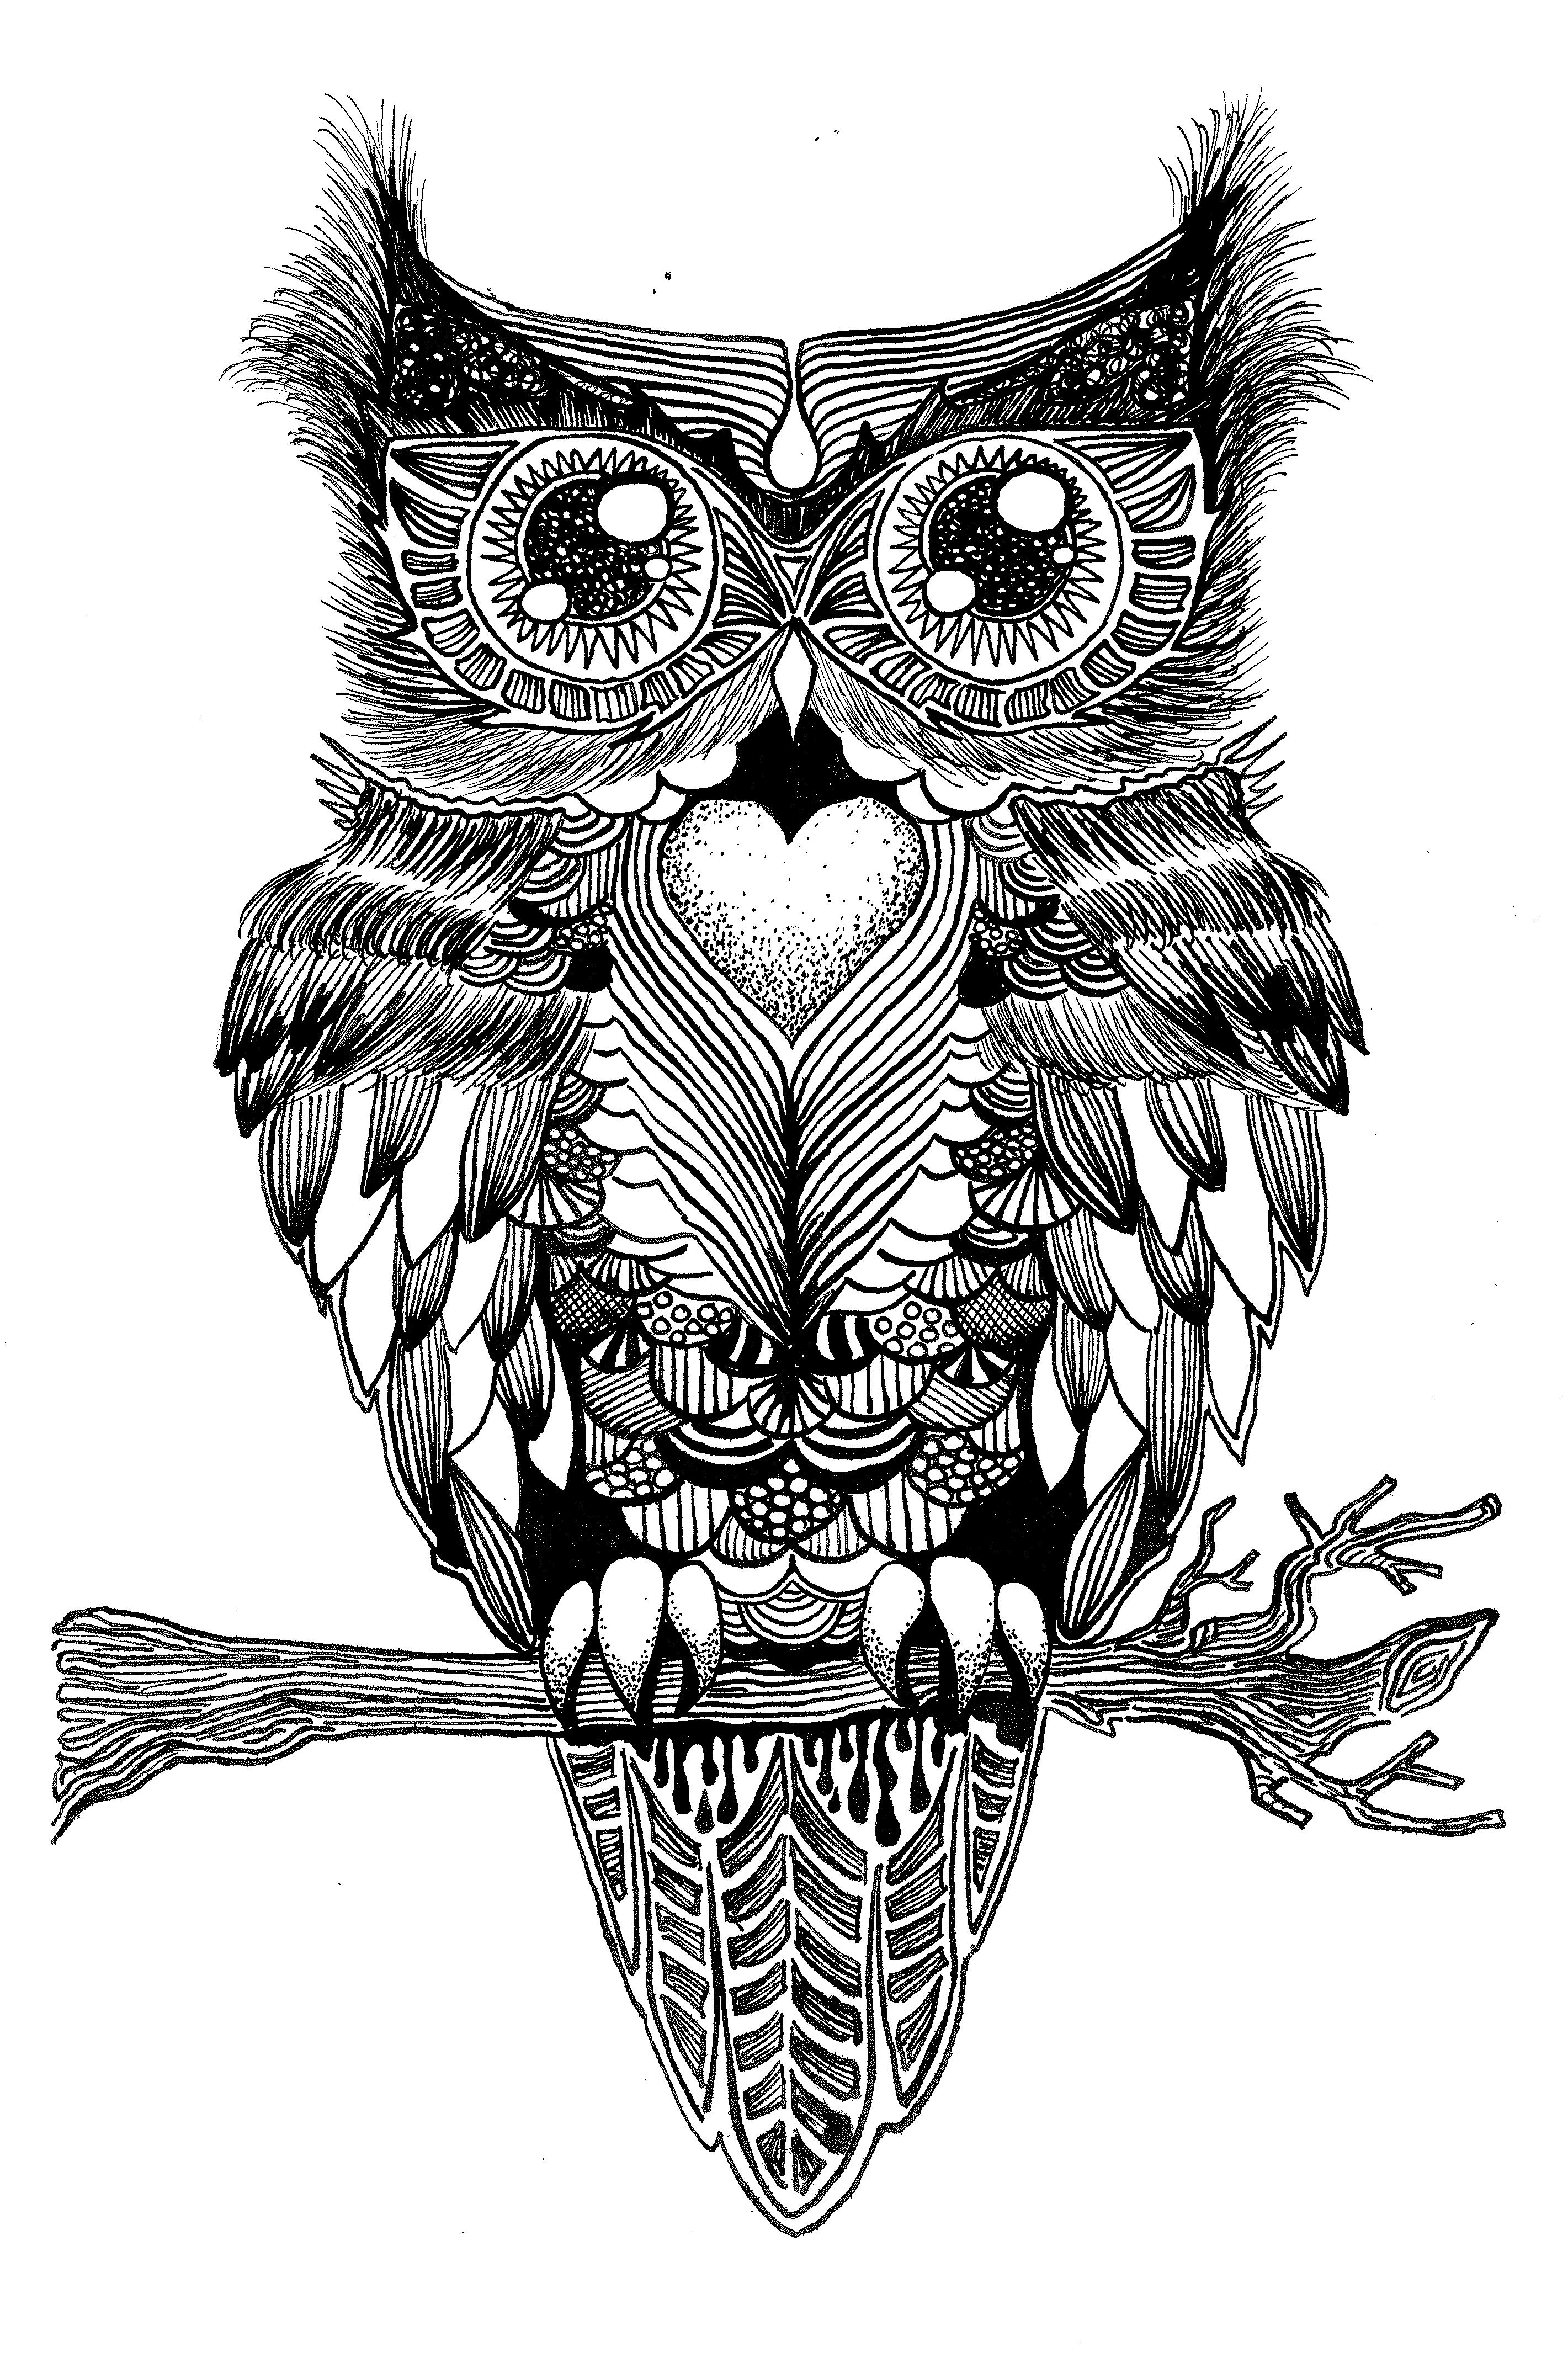 Favoriete Symmetrische Uil: Oost-Indische inkt. - Doodles & Zentangles  ZC77